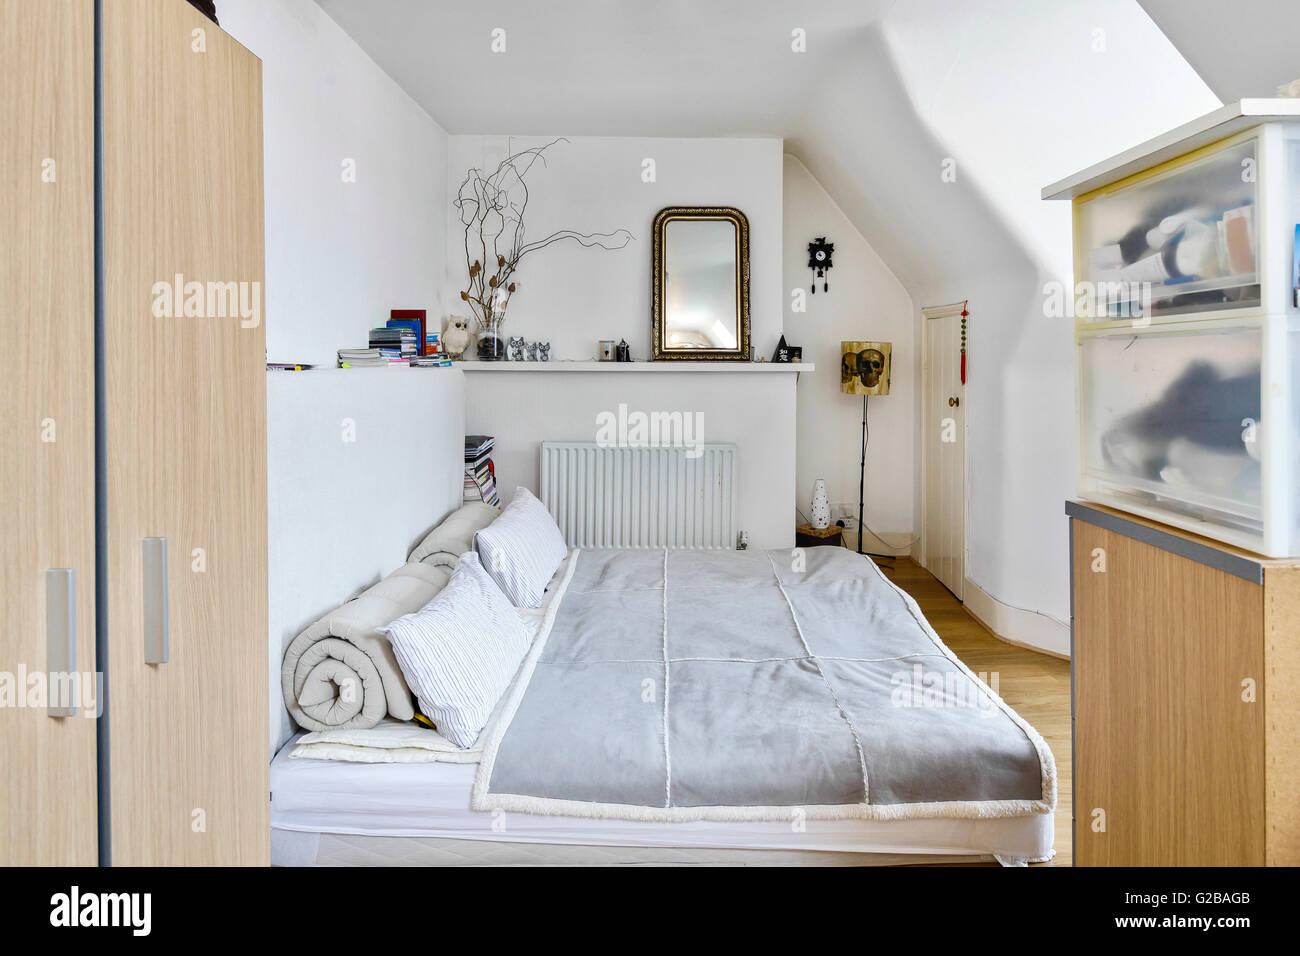 Mobili Contemporanei Camere Da Letto : Inglewood road west hampstead. camera da letto con mobili